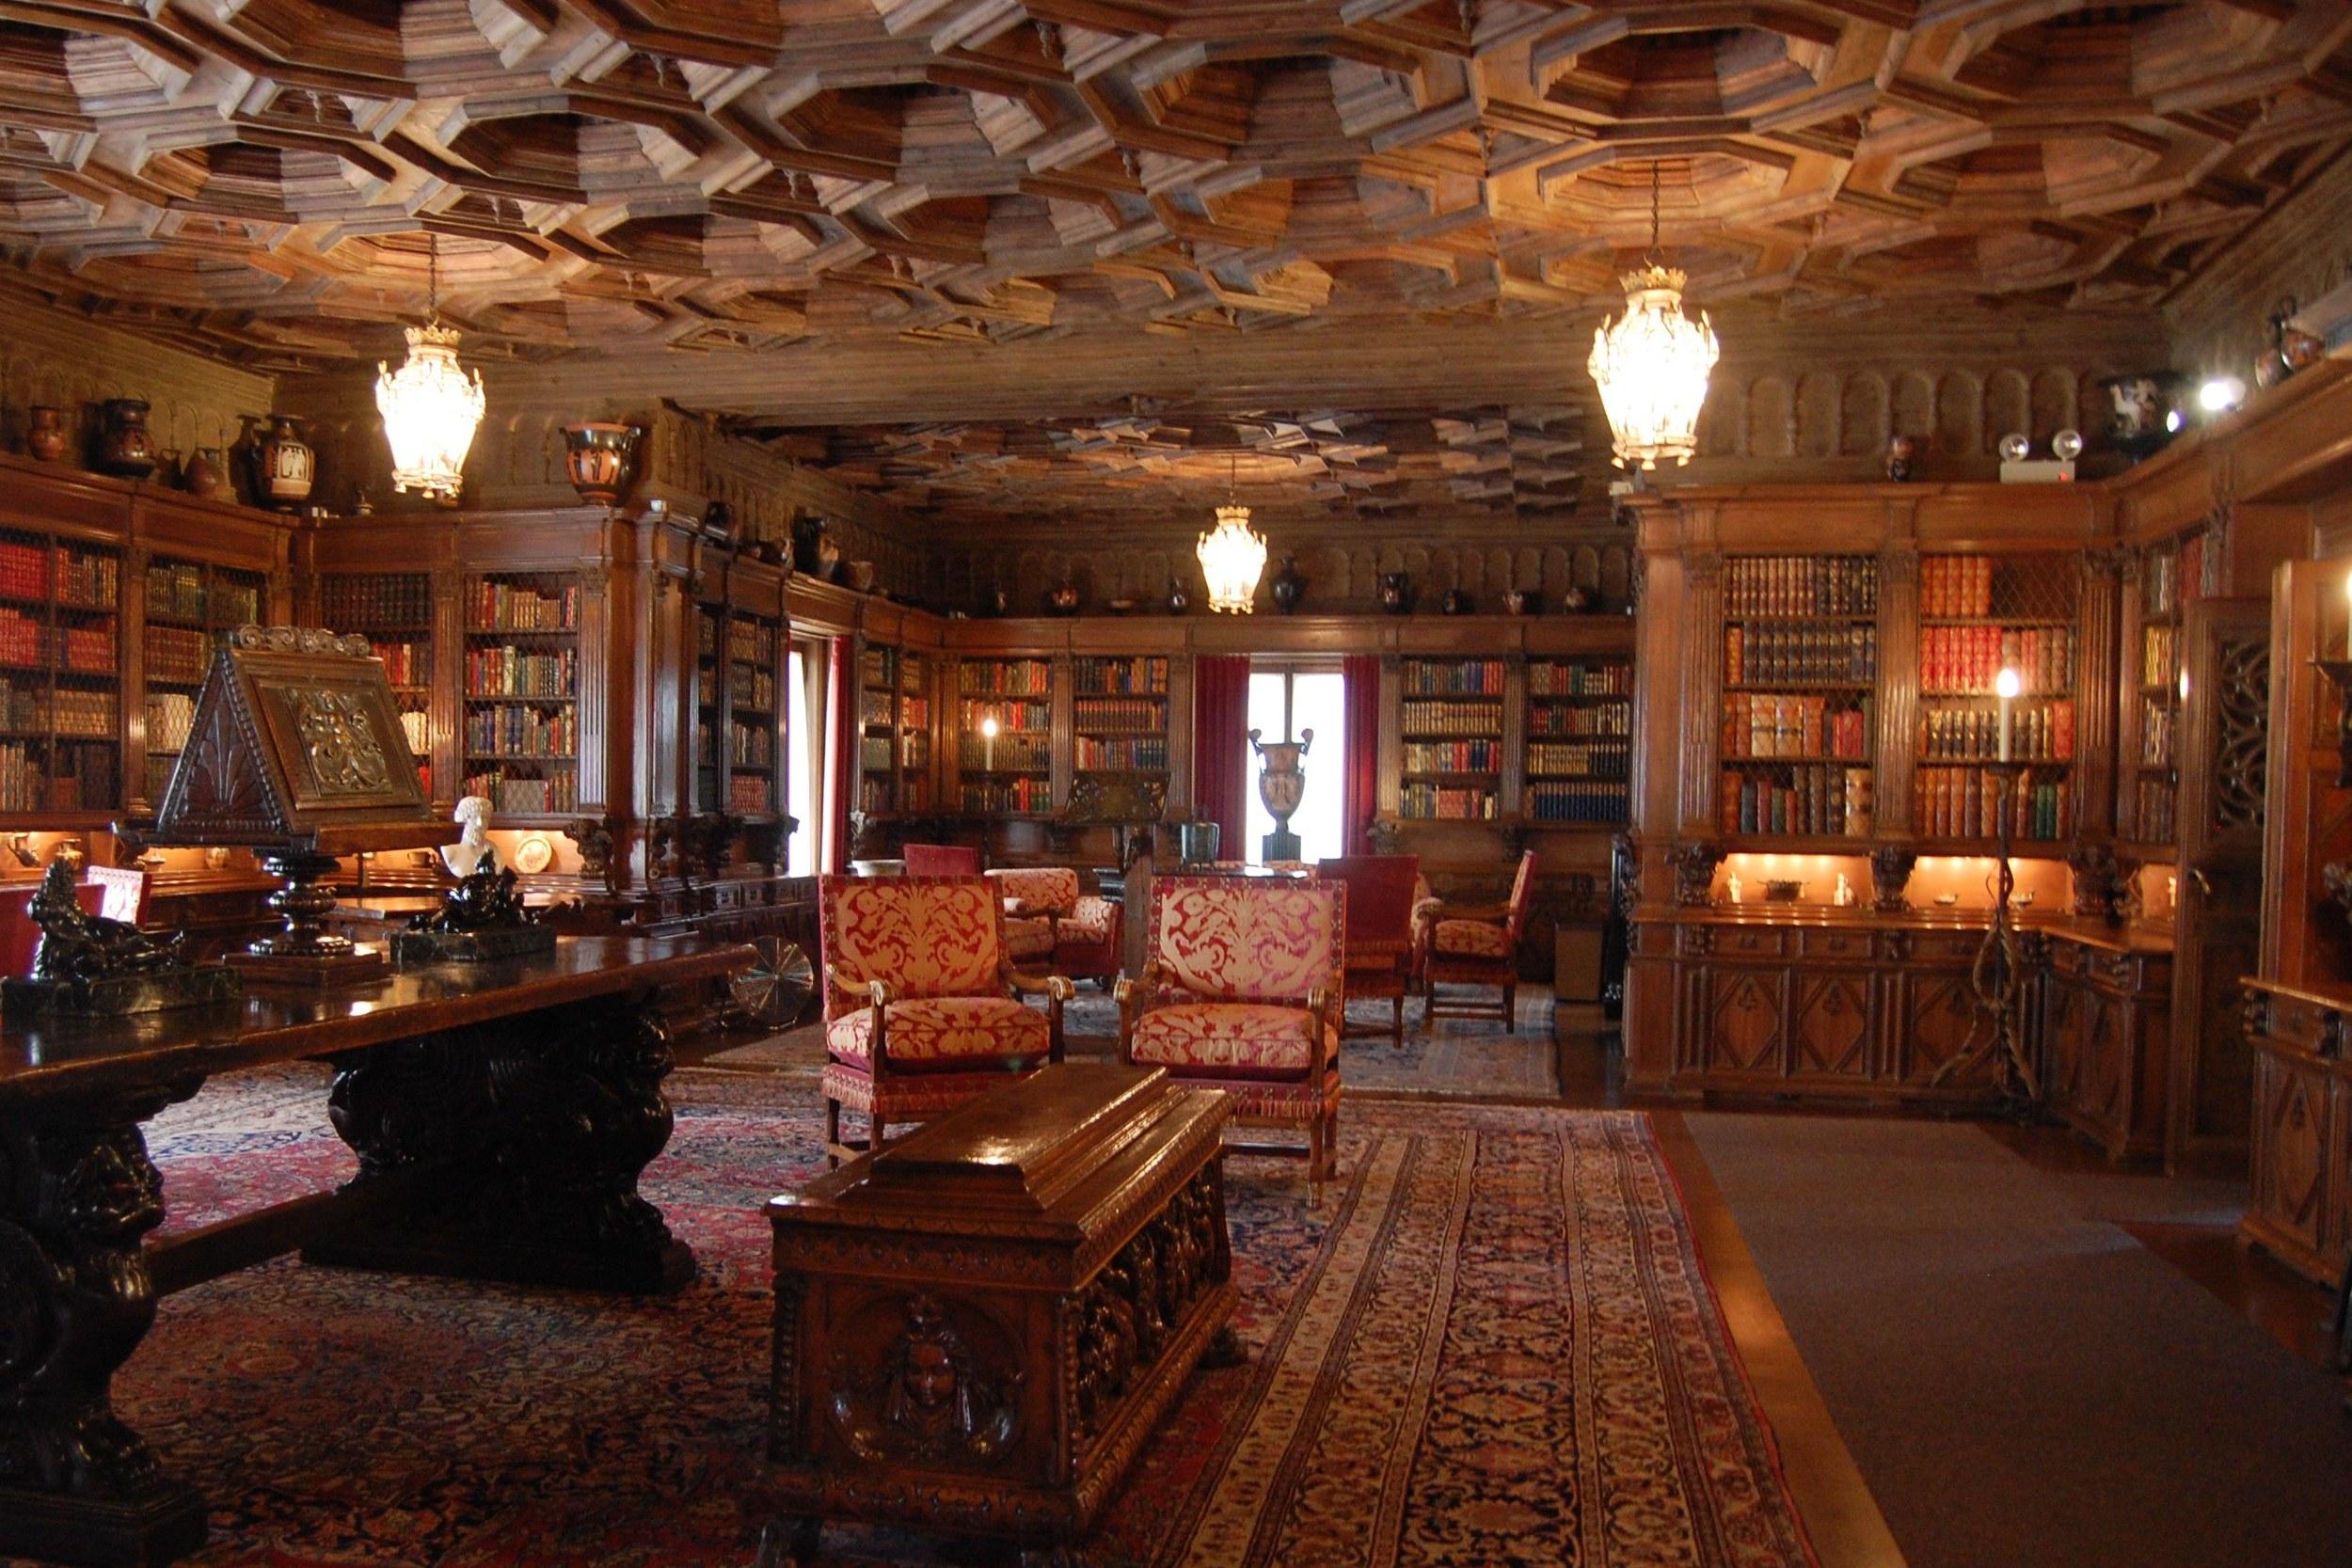 Hearst Castle Grand Library. Filosoph